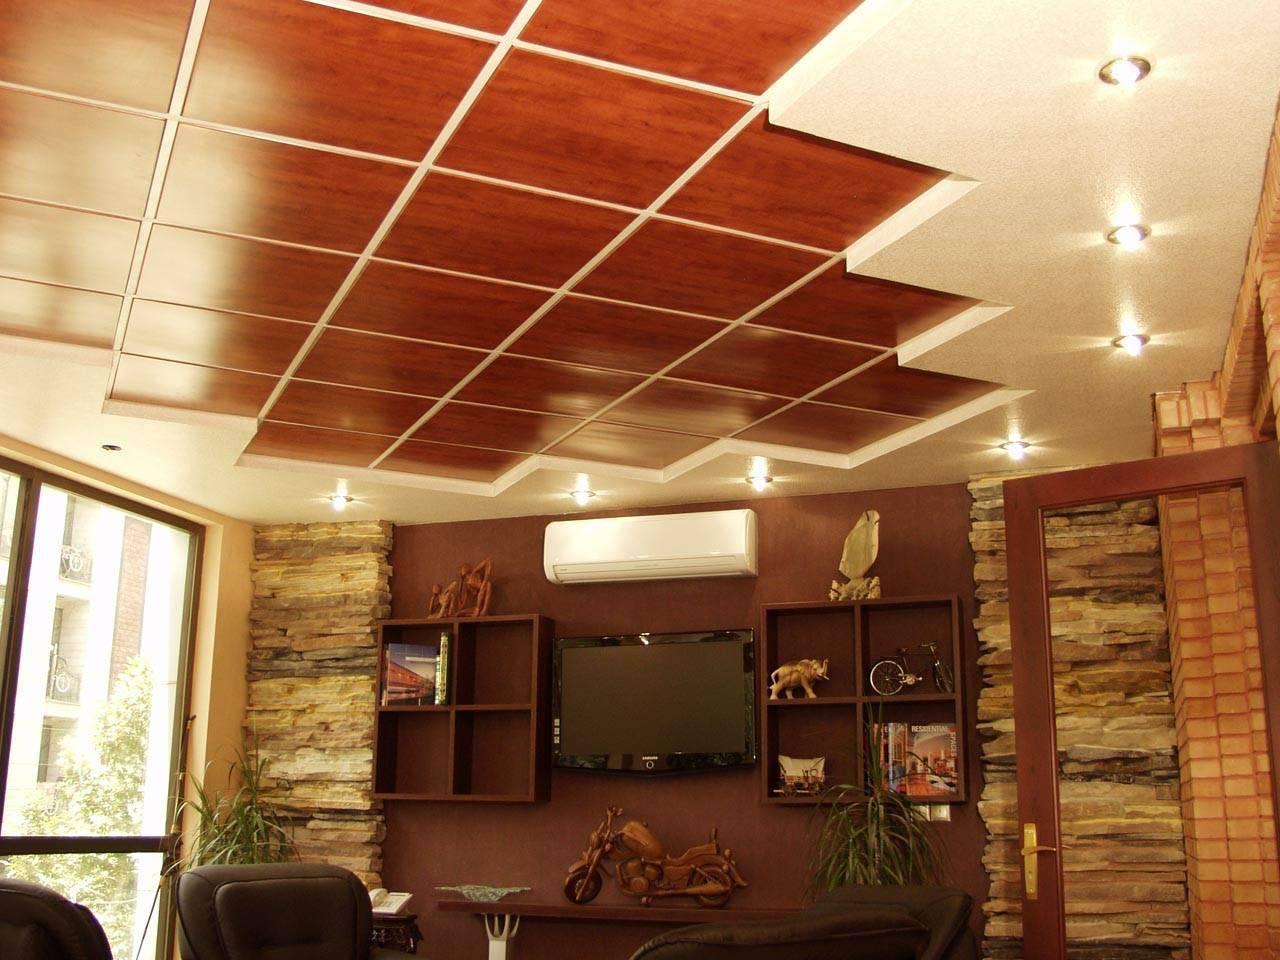 18 вариантов отделки потолка +75 фото идей и примеров дизайна